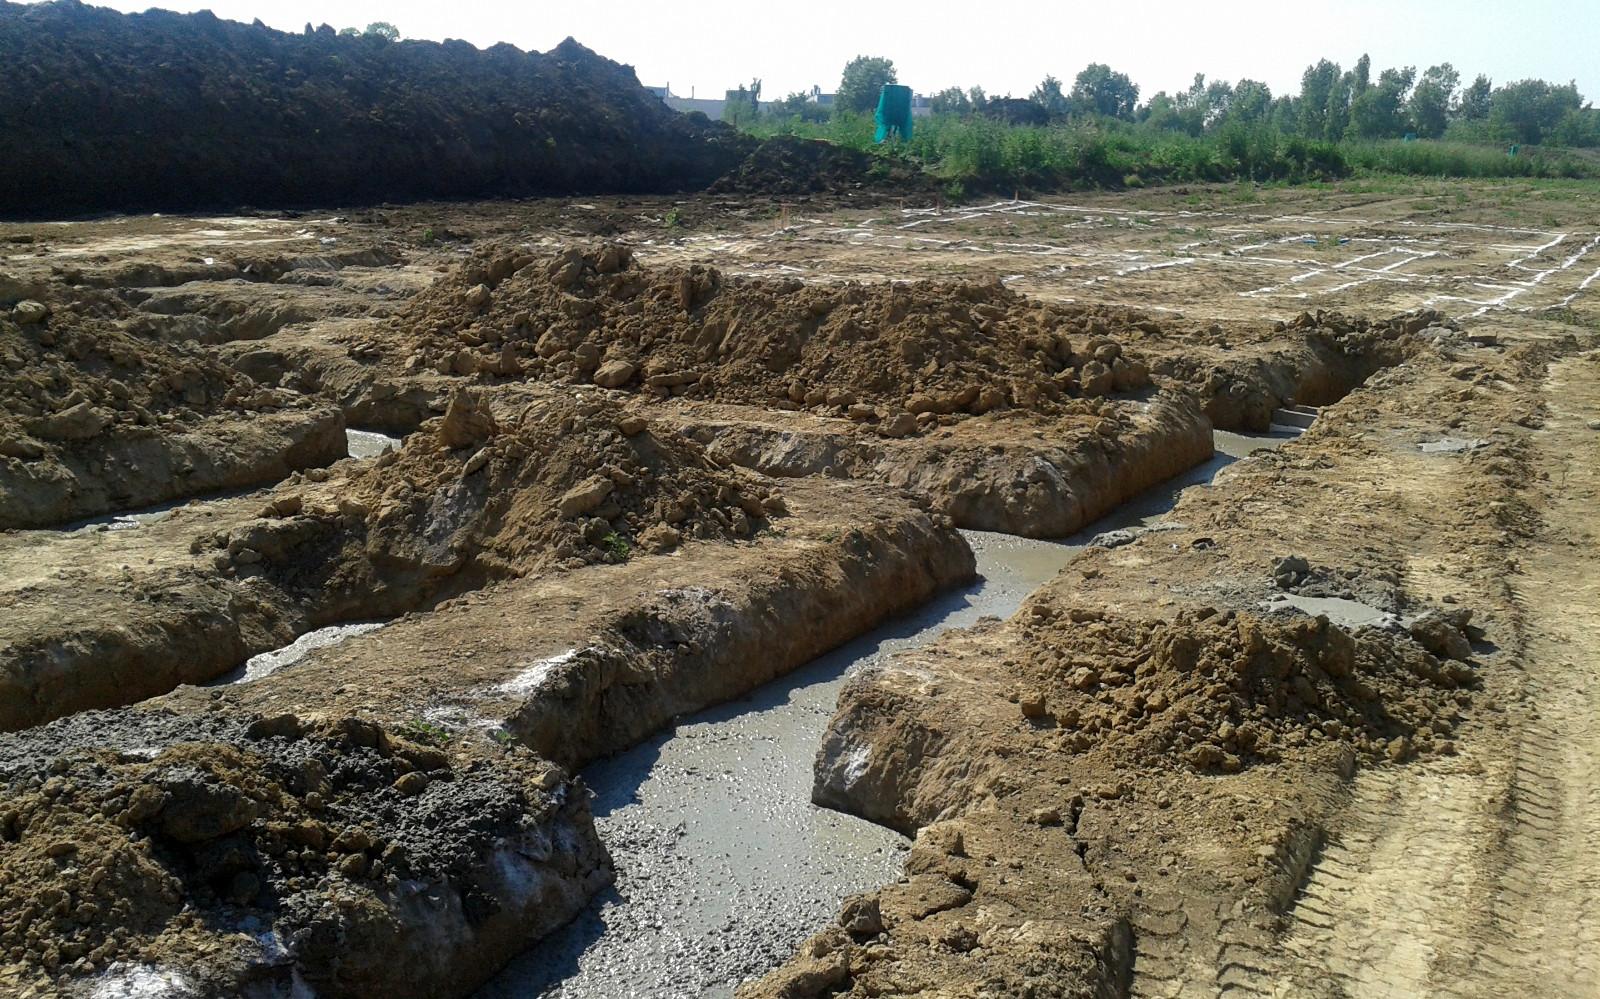 2015-07-03 Čerstvě vylité základy betonem 1